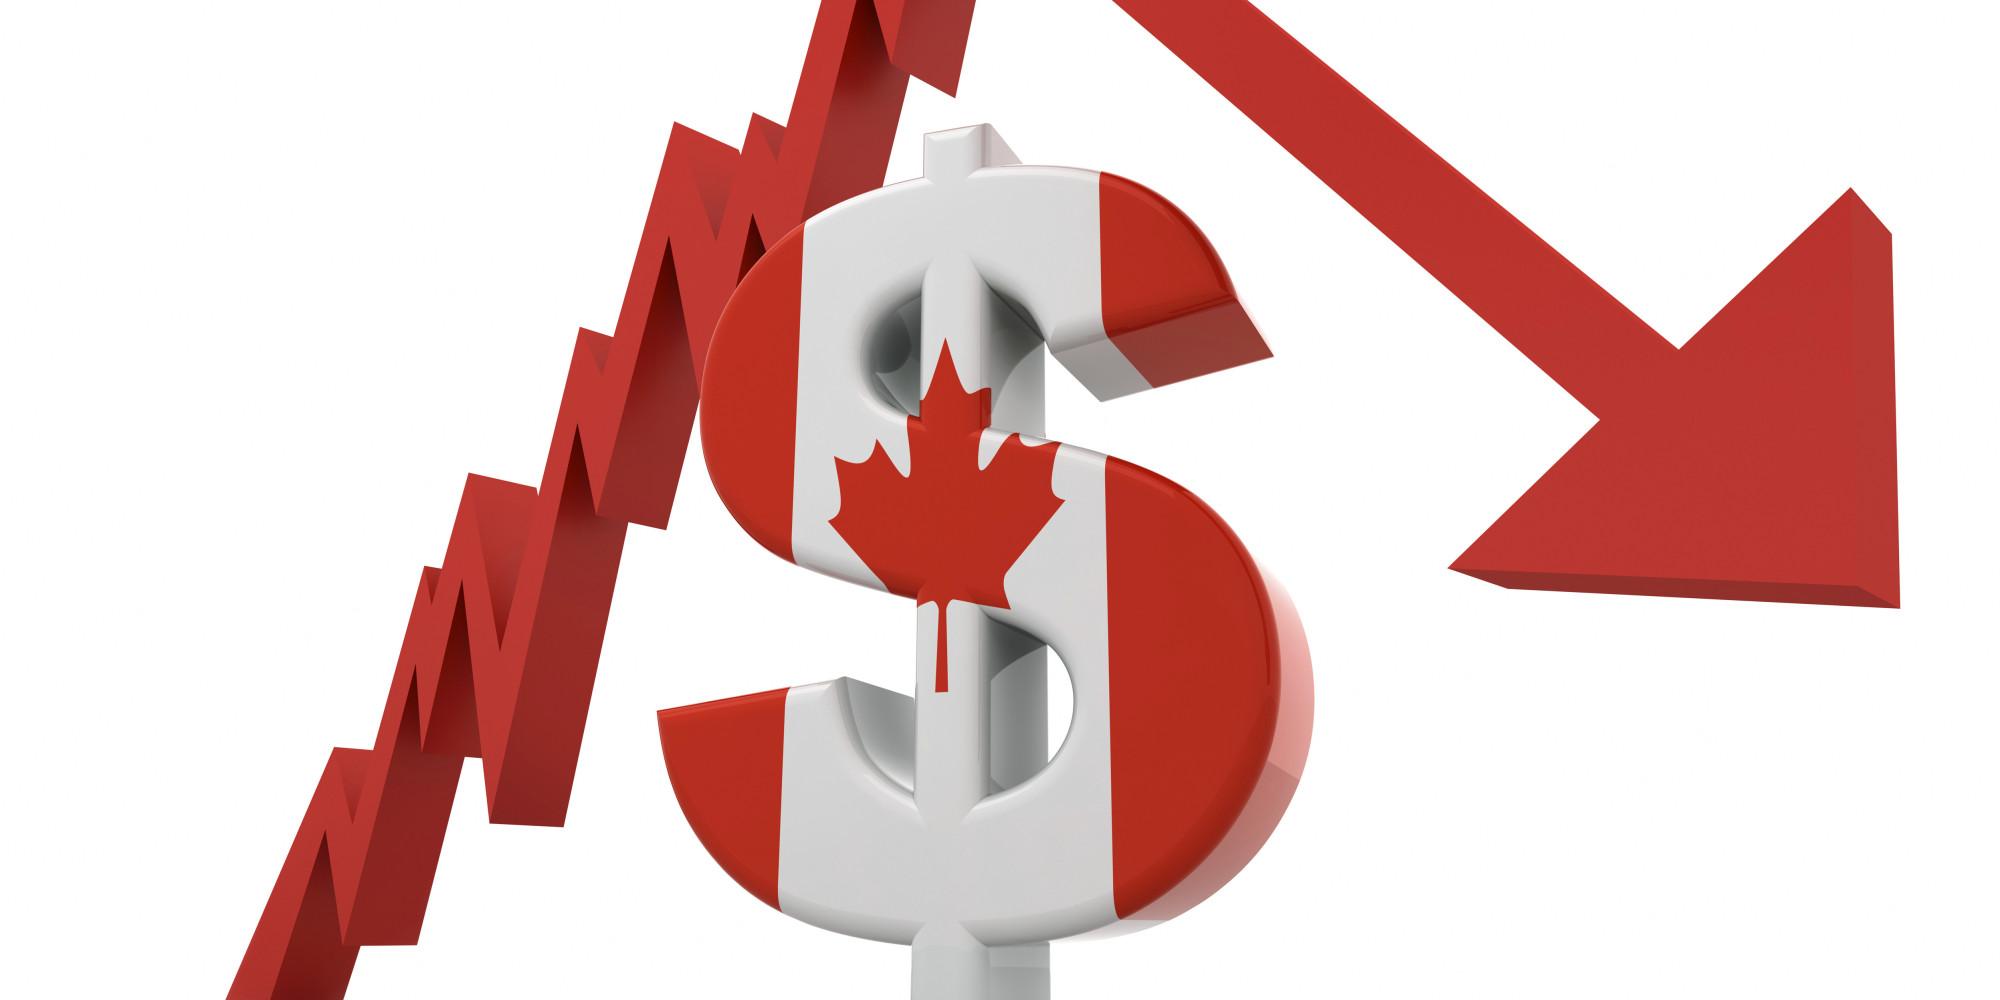 Экономика Канады значительно сократилась из-за глобального экономического кризиса